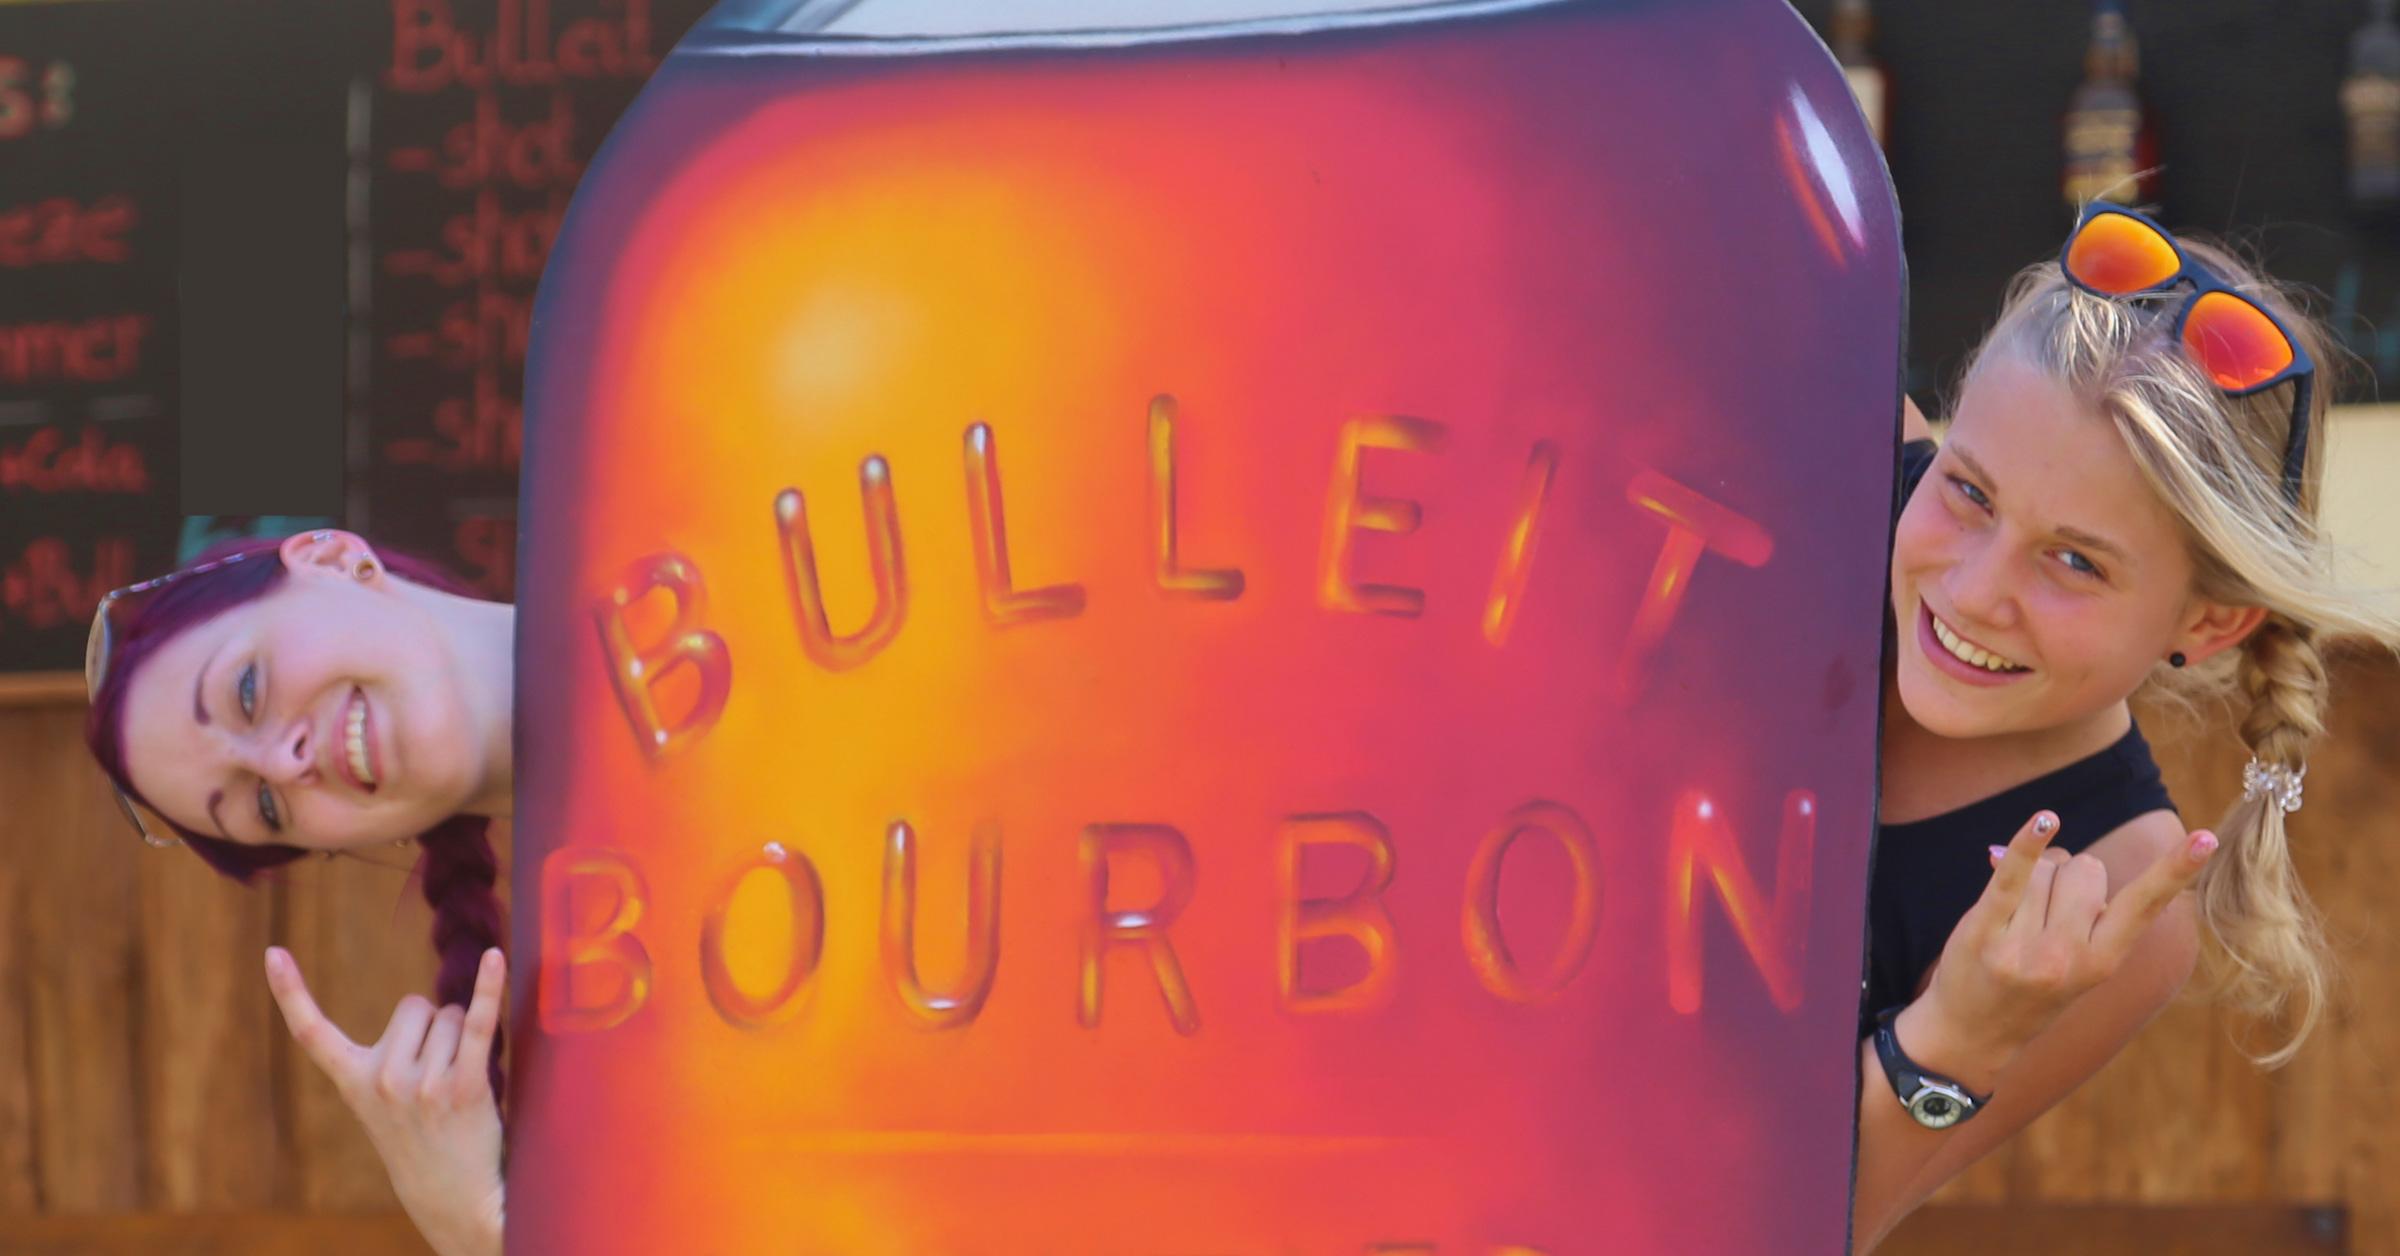 Unsere Mädels mit der Bulleit Bourbon Flasche